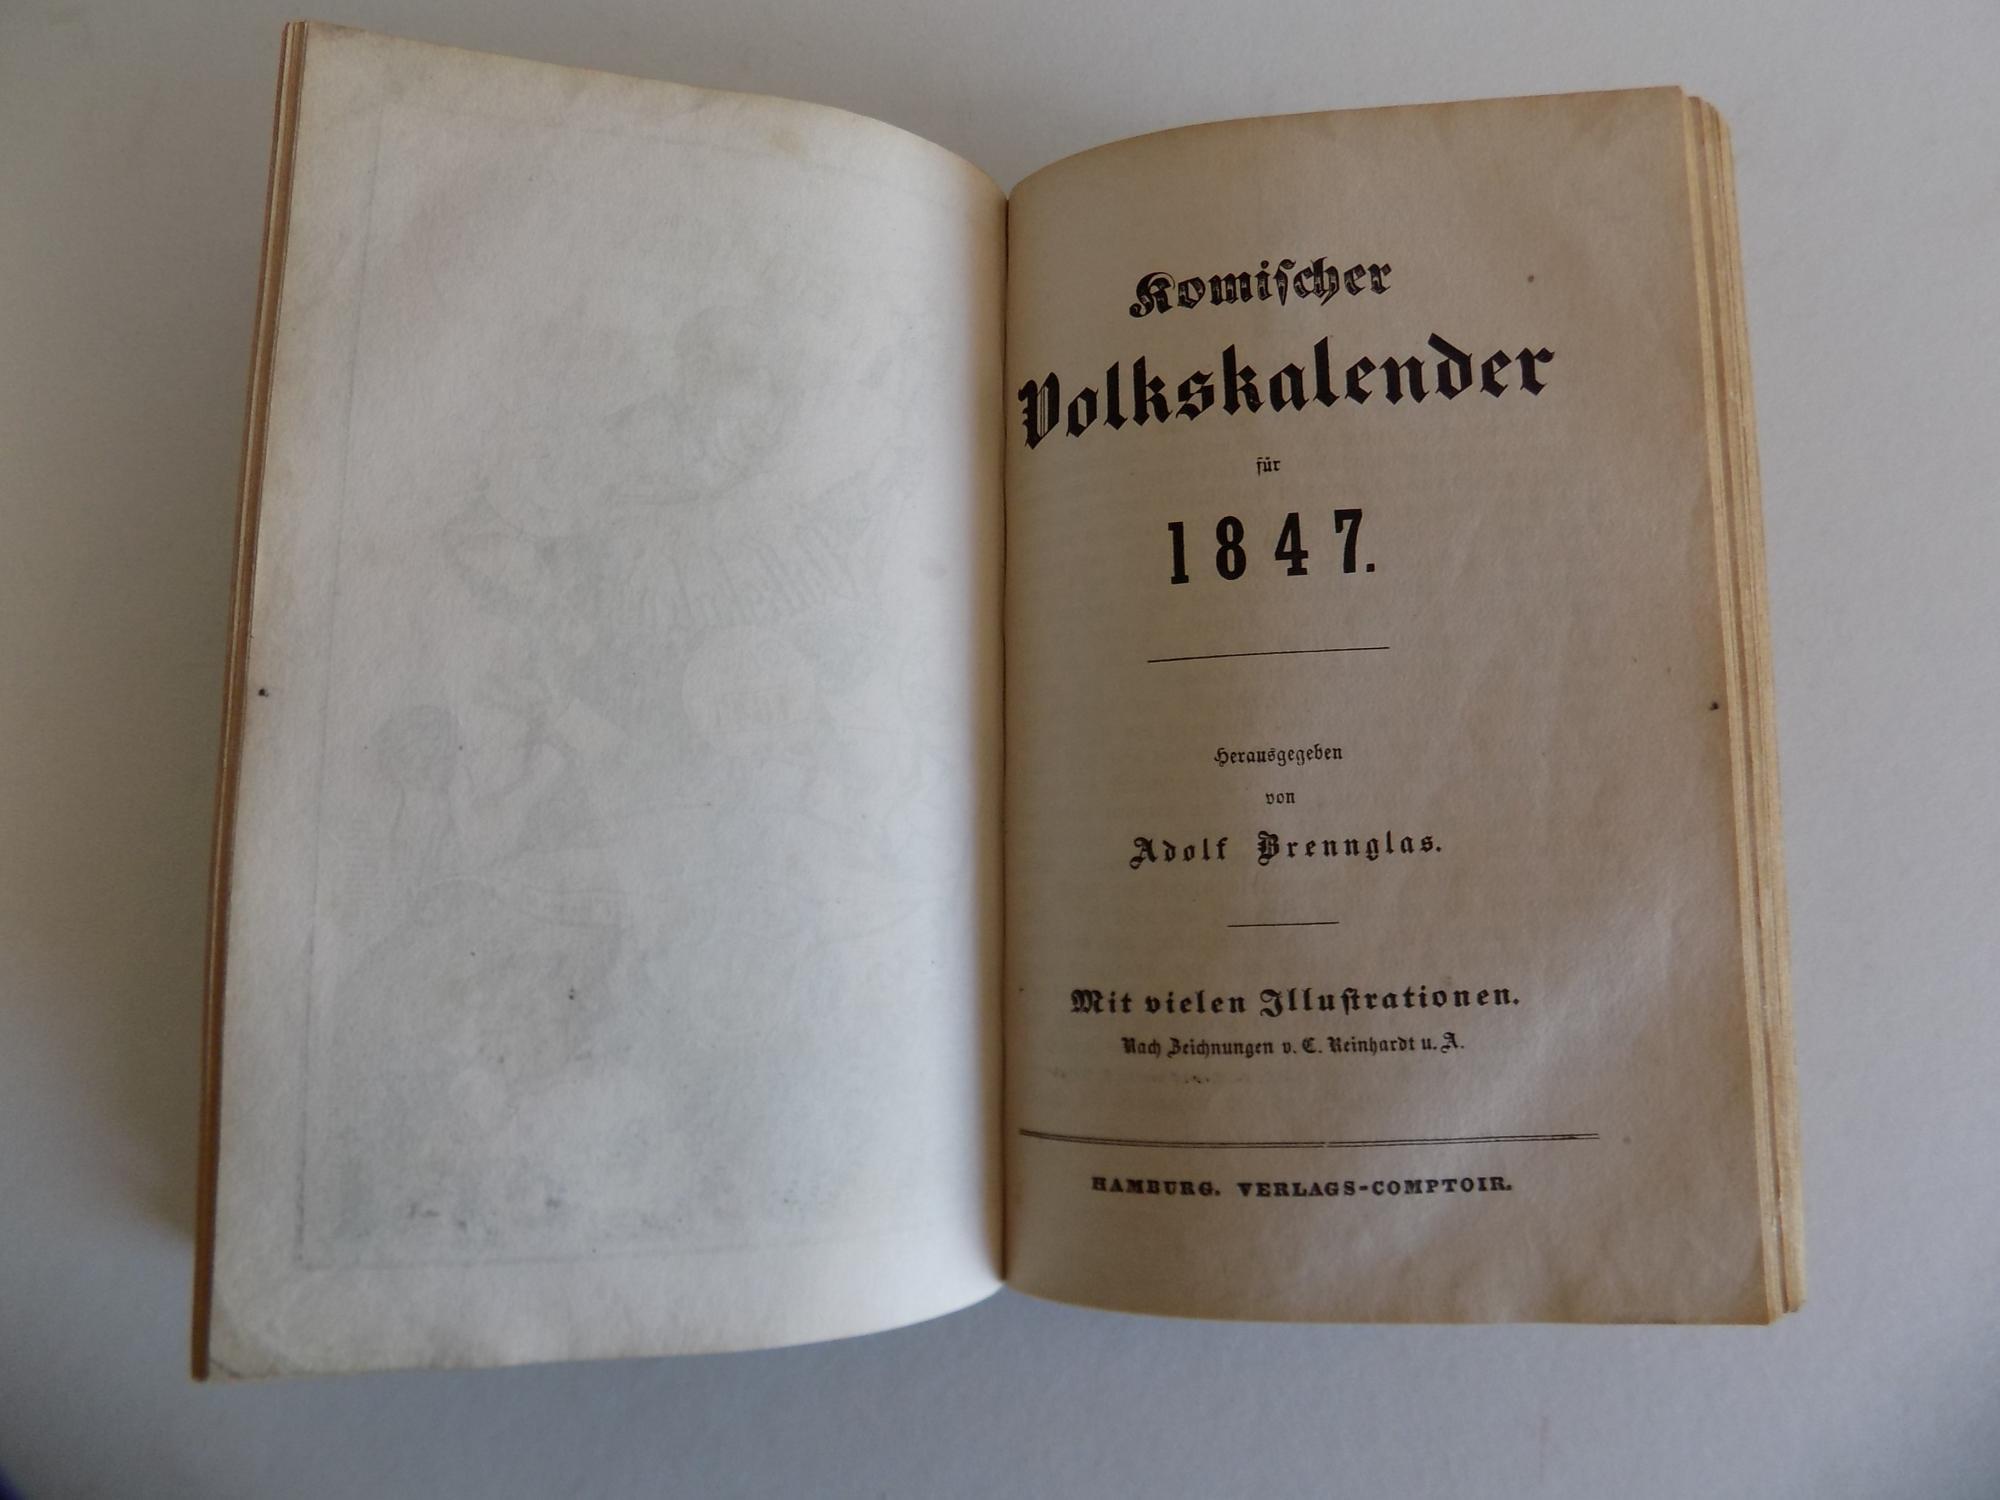 Komischer Volkskalender für 1847. Mit vielen Illustrationen.: Glasbrenner, Adolf (hier